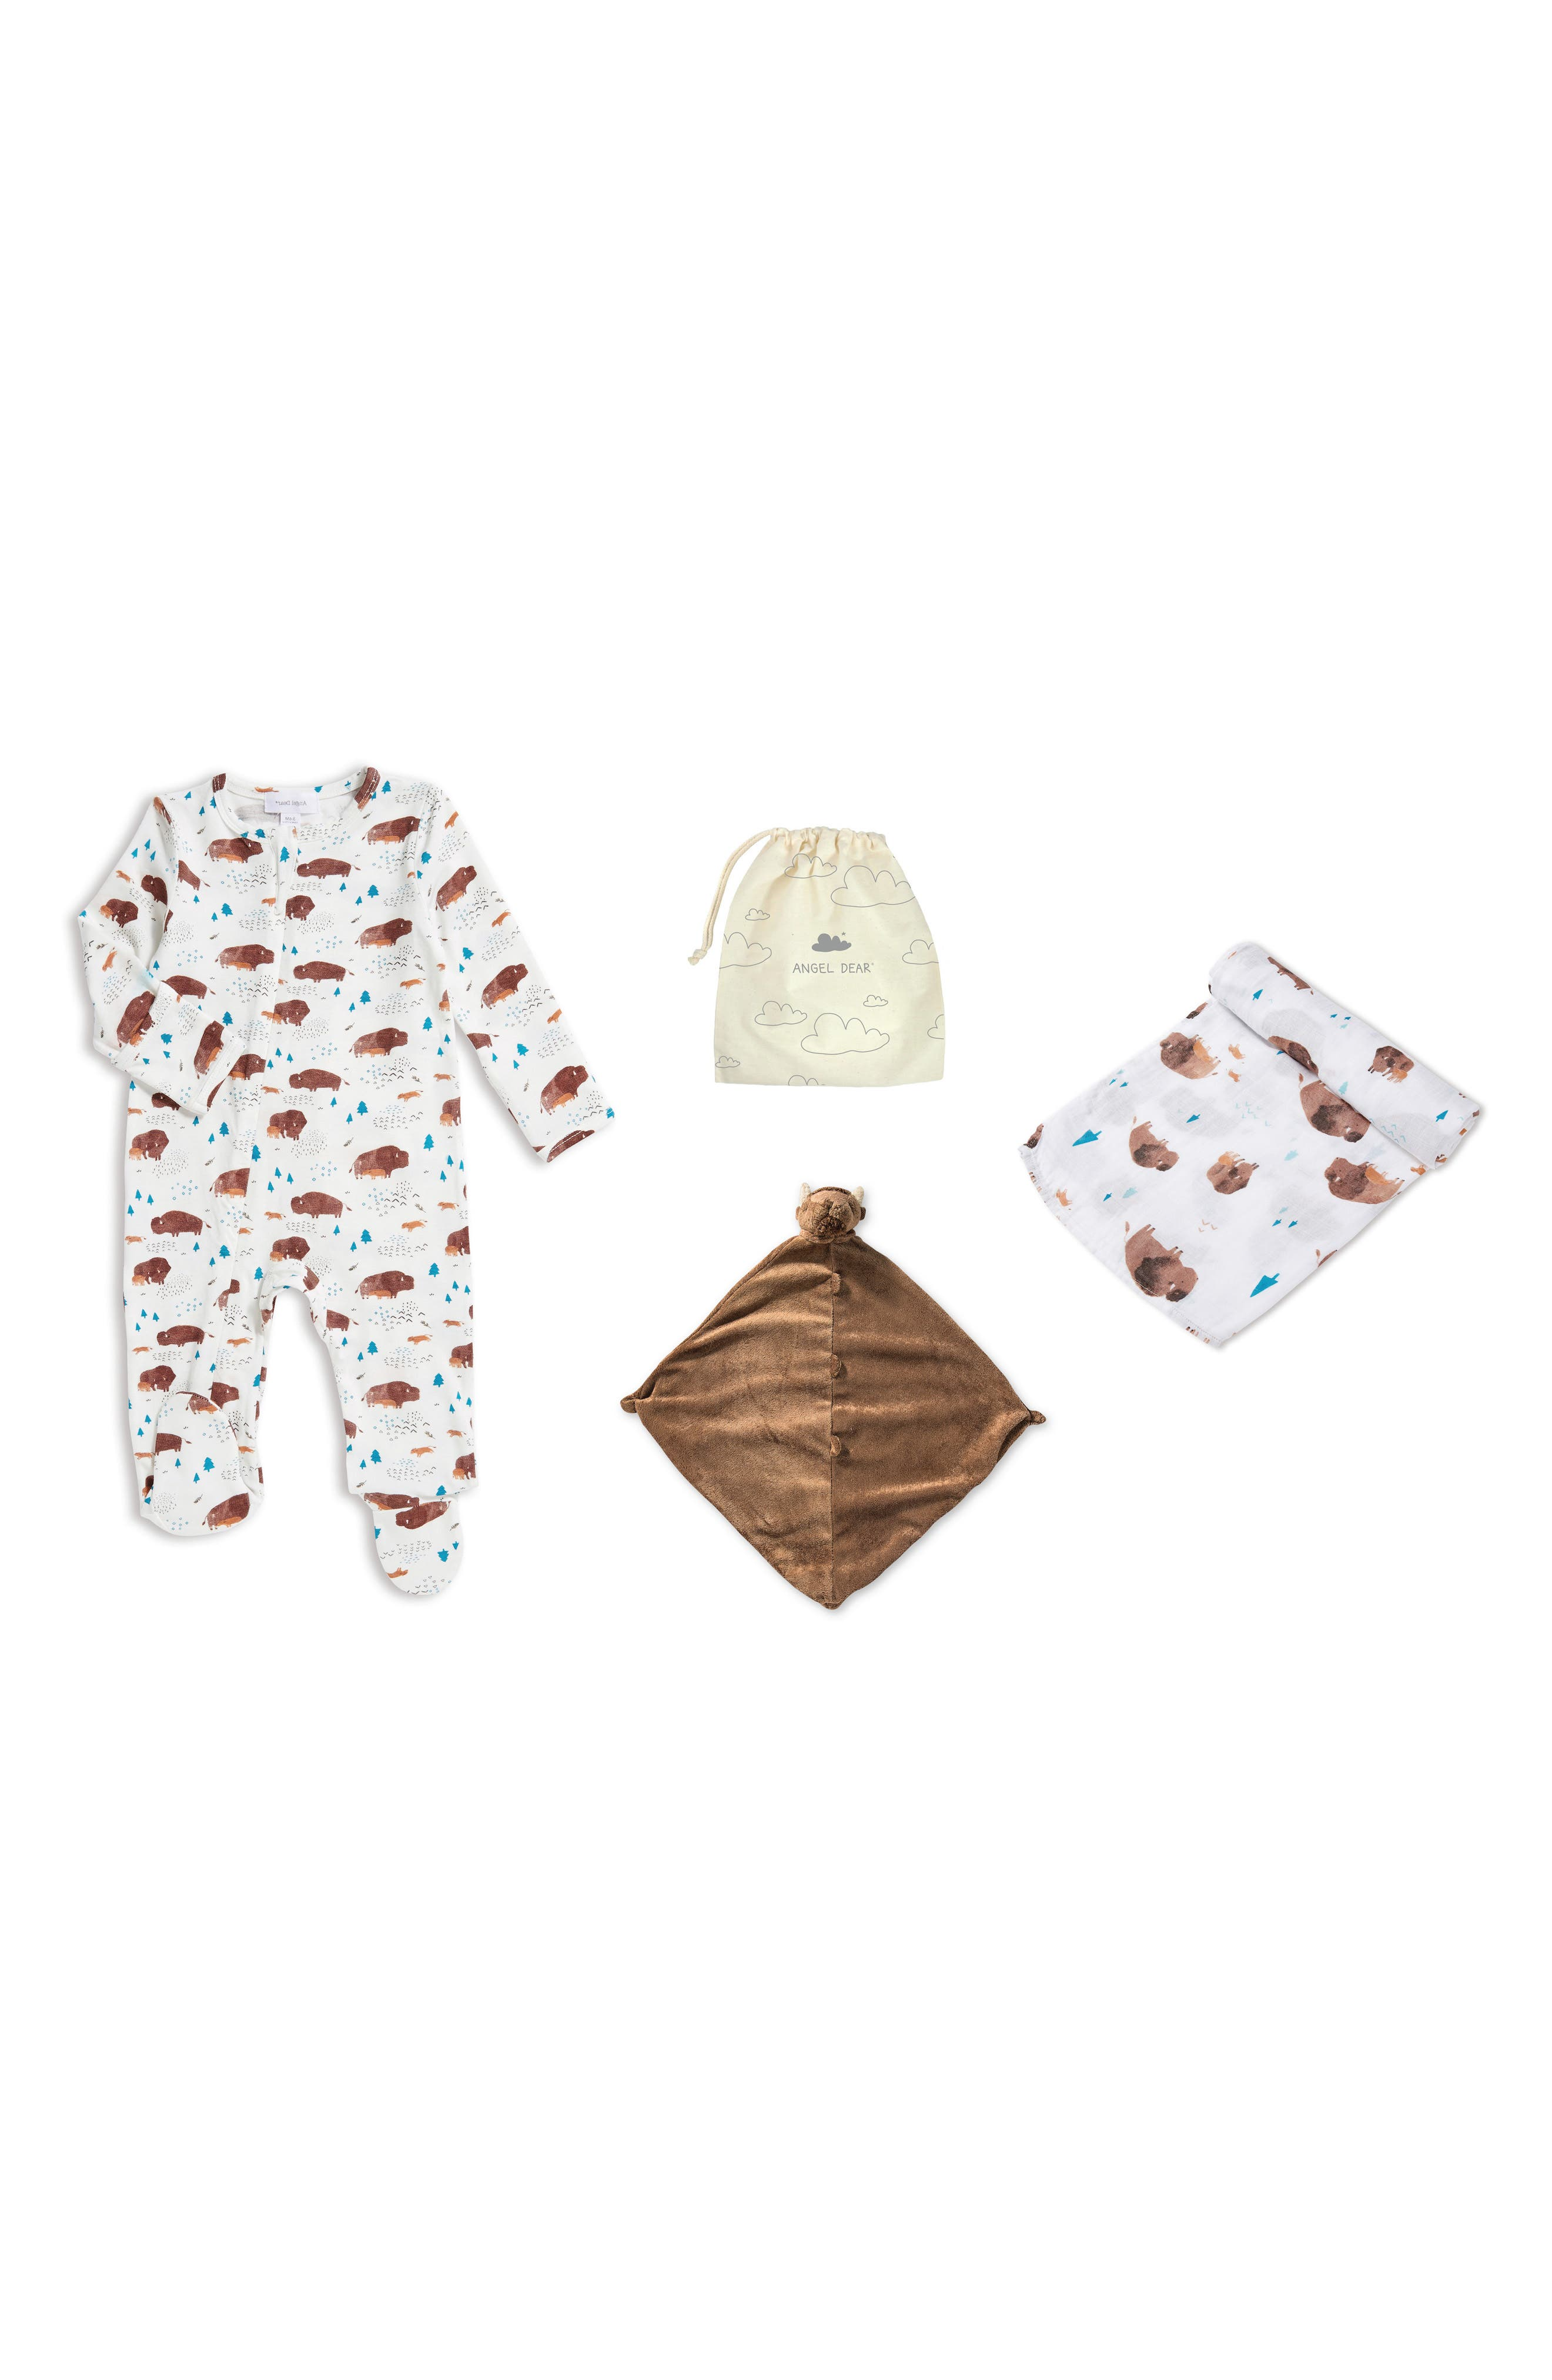 Infant Angel Dear Bison Romper Blankie  Swaddling Cloth Set